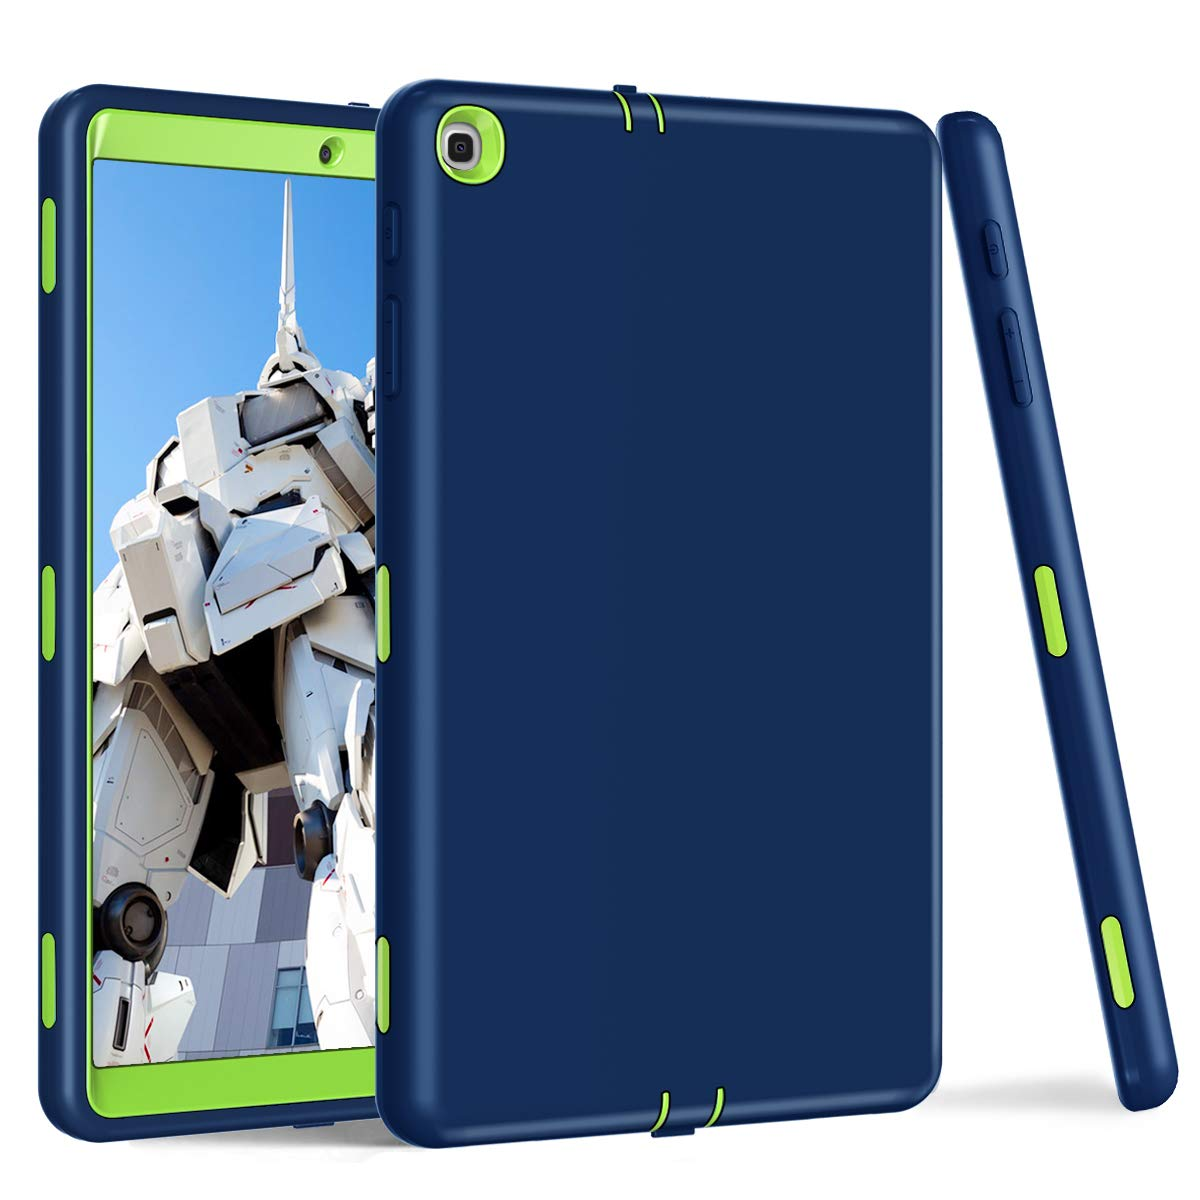 Funda Samsung Galaxy Tab A 10.1 Sm-t510 (2019) Darmor [7v1ctxh3]